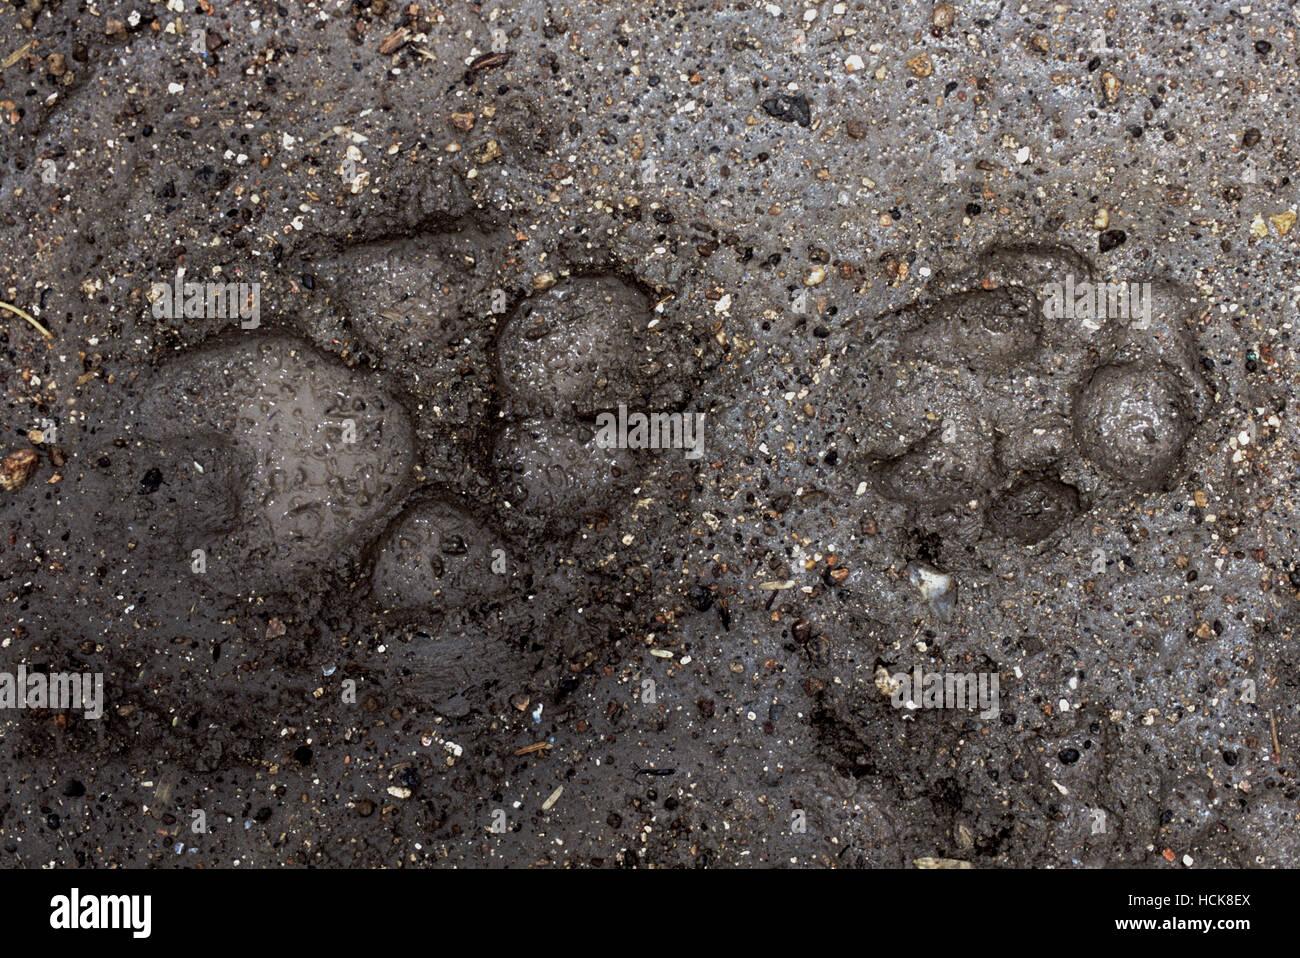 Loup indien,(Canis lupus pallipes),et le chacal, Indien(Canis aureus indicus),paw tracks dans la boue, Gujarat, Inde.(Wolf-côté gauche et Jackal-côté droit). Banque D'Images